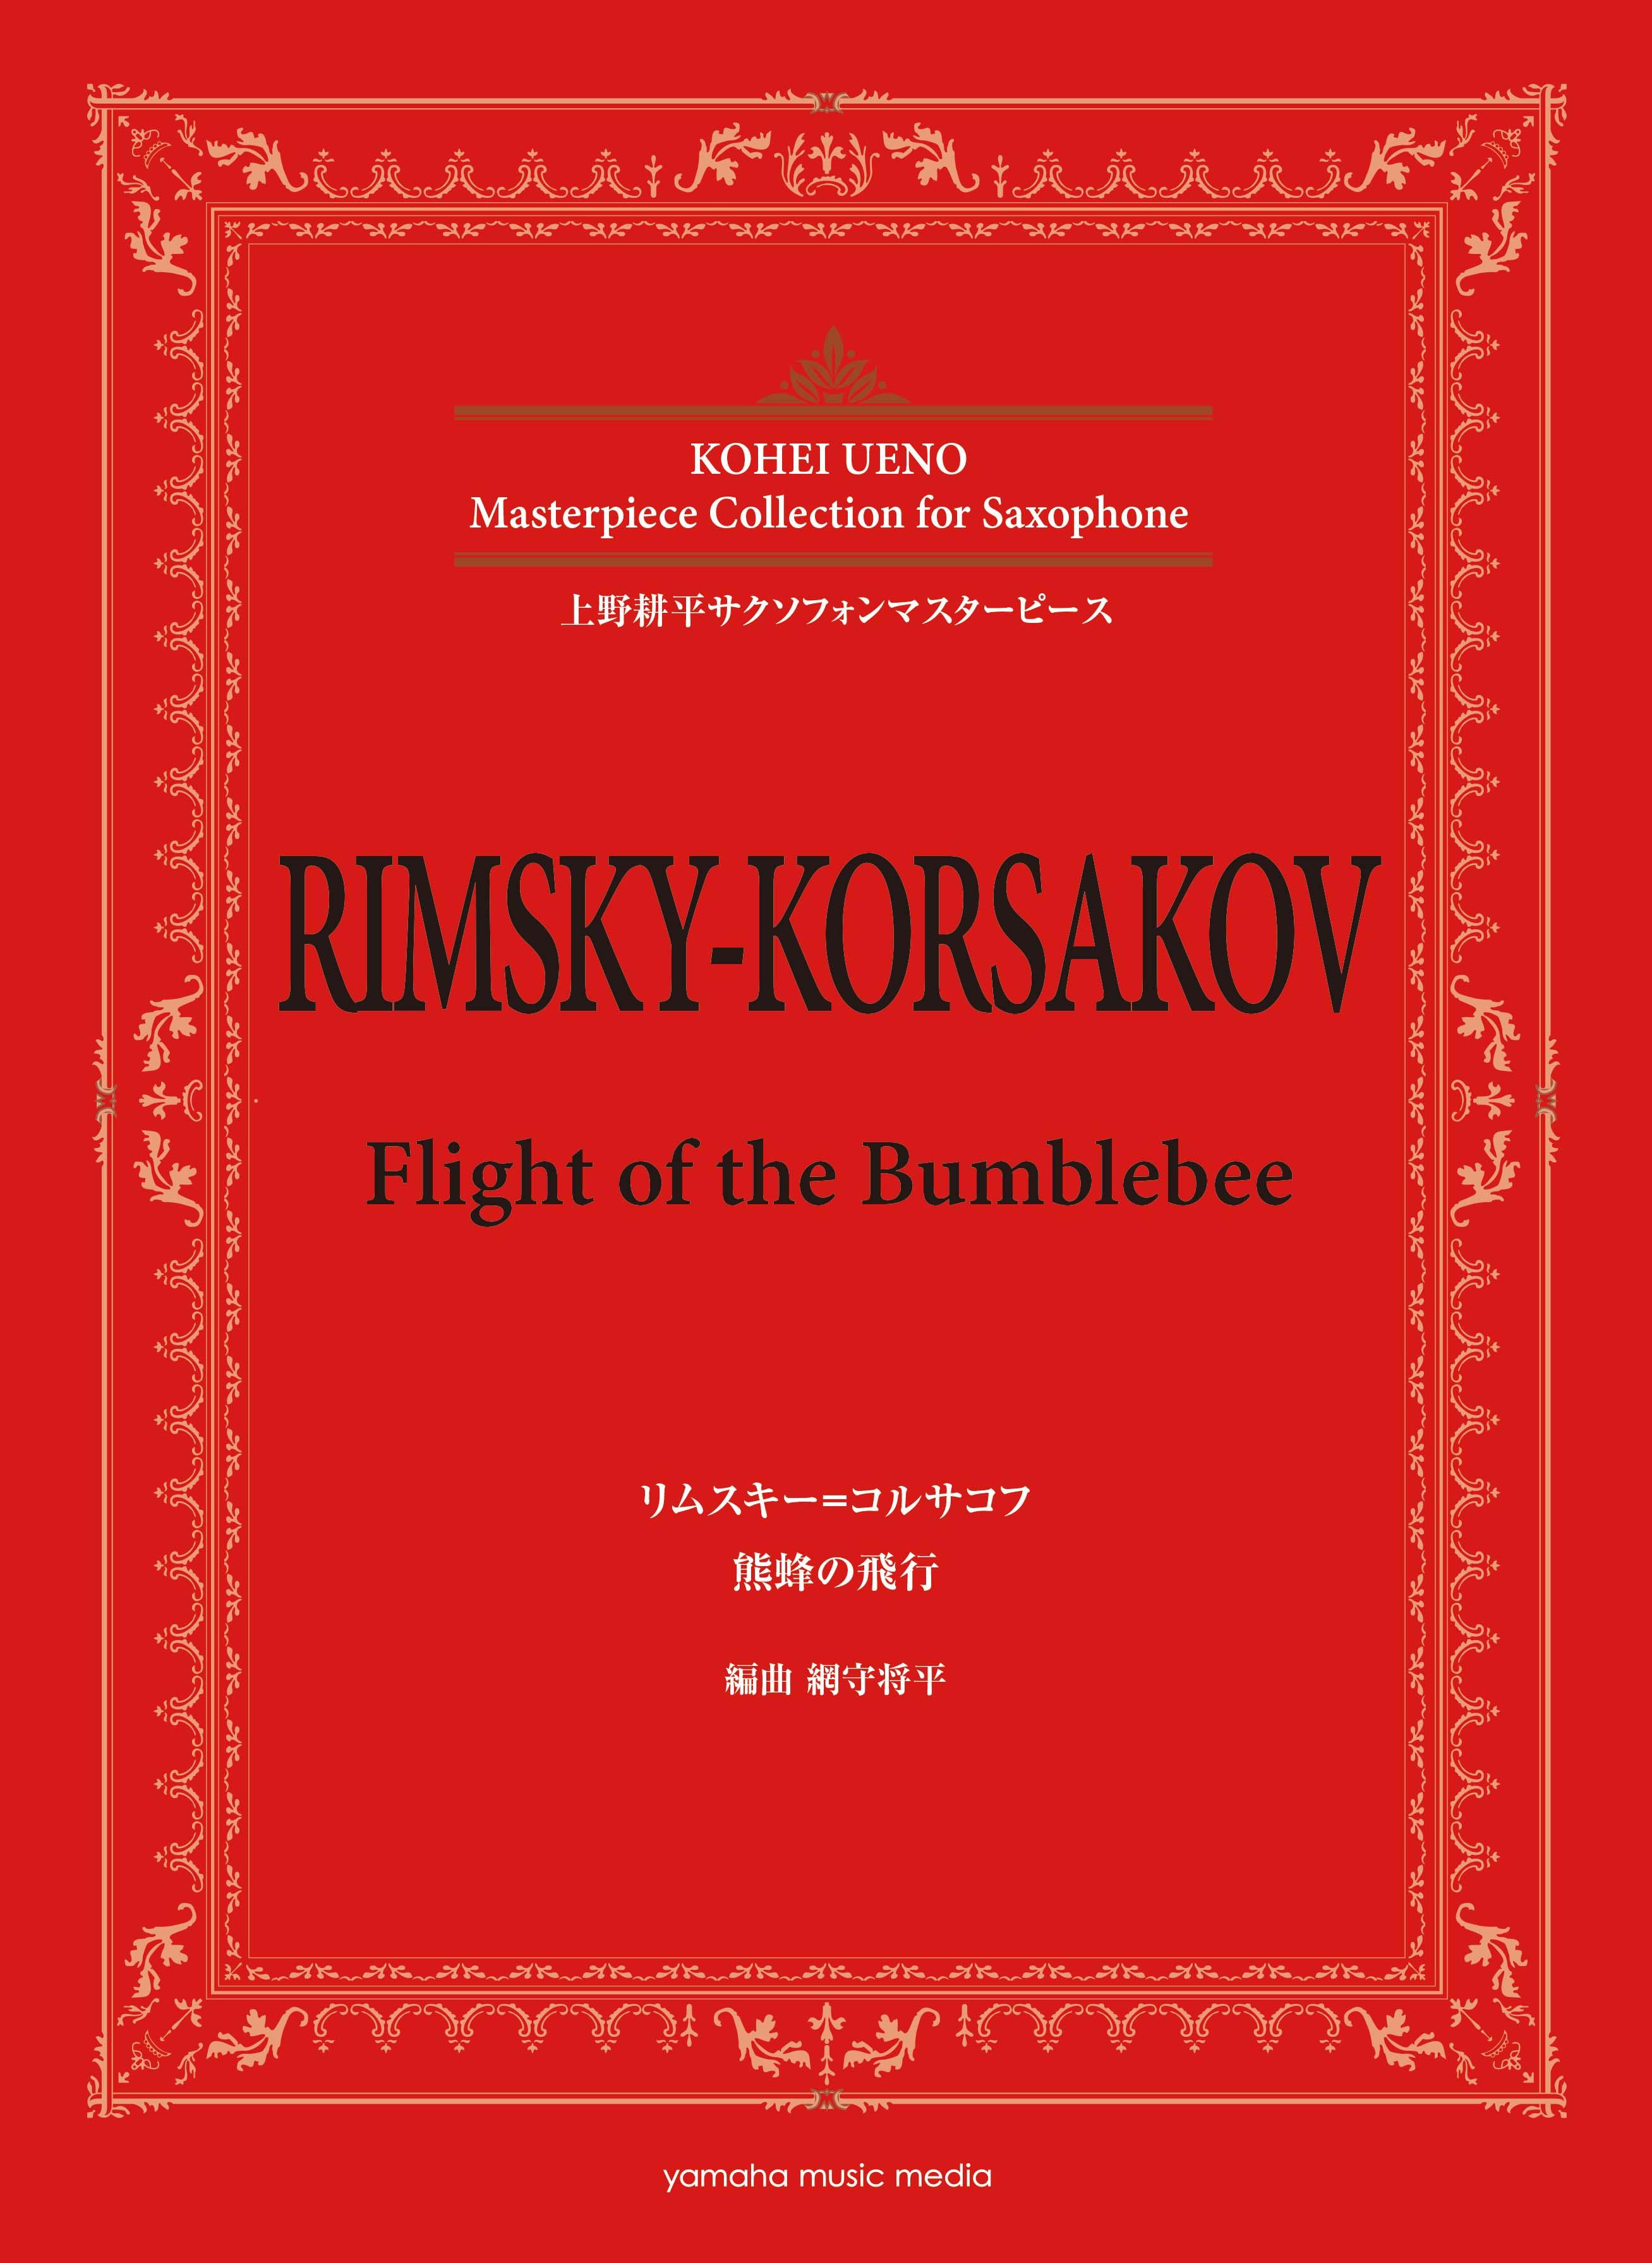 リムスキー=コルサコフ 熊蜂の飛行